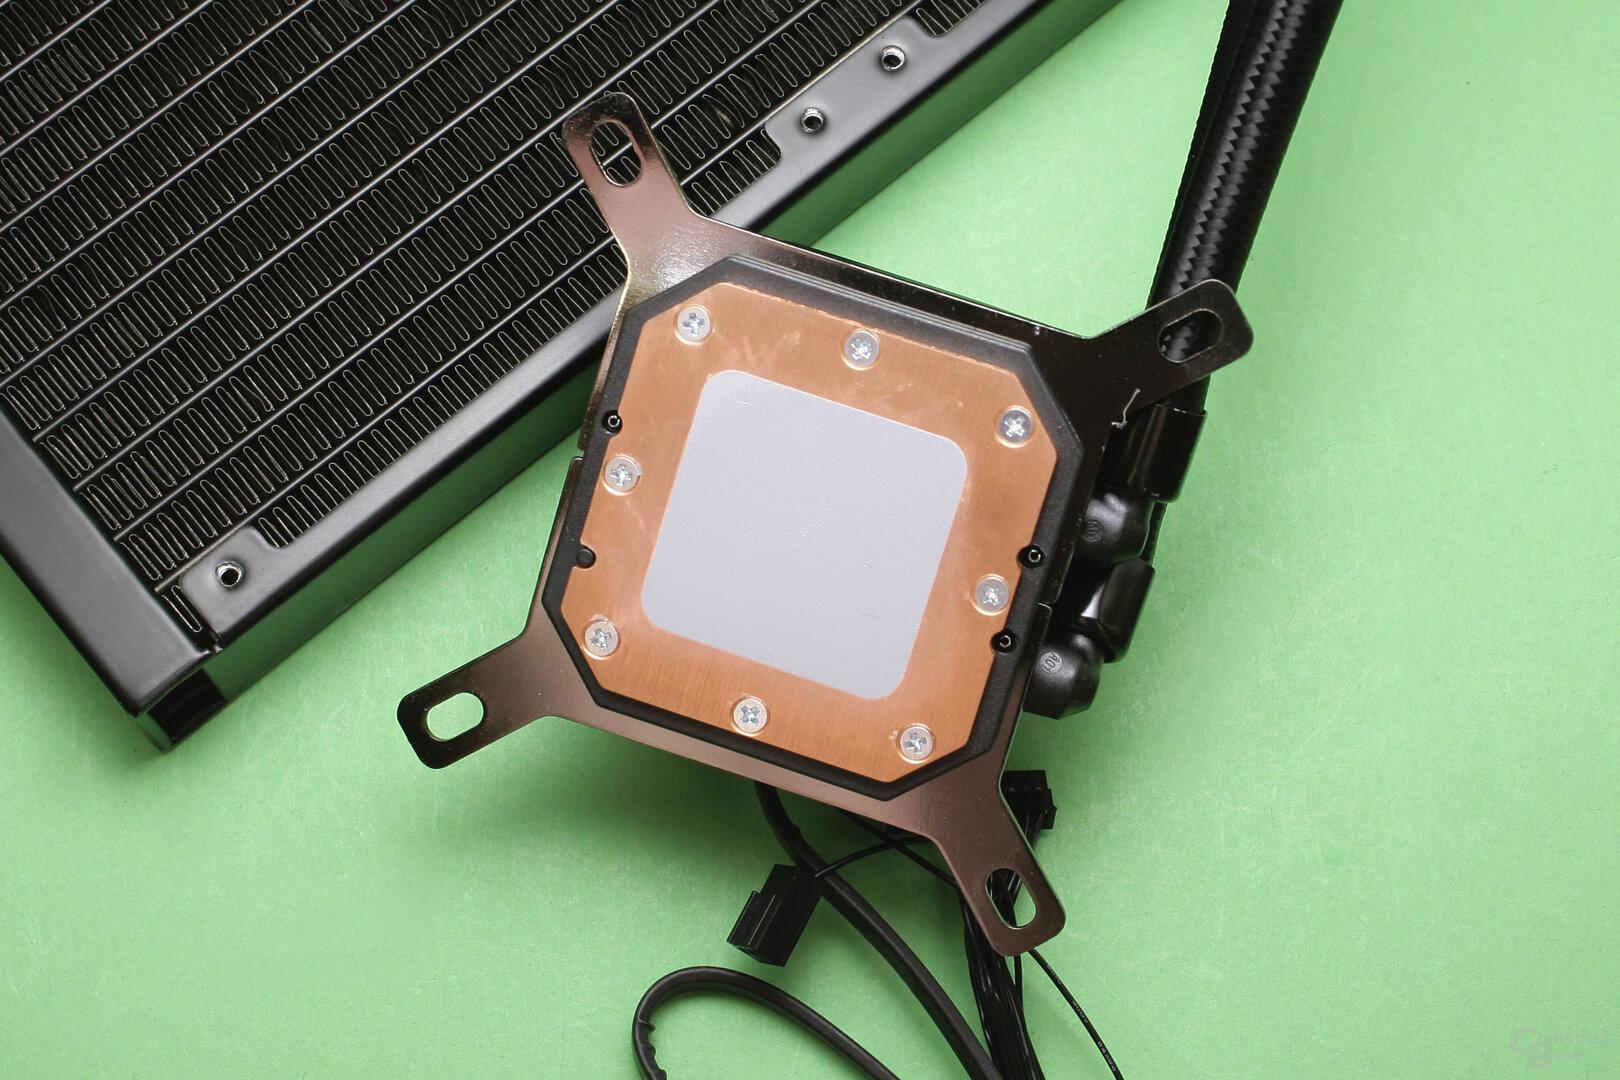 Corsair iCUE H150i Elite Capellix: Kühler mit bereits aufgetragener Wärmeleitpaste